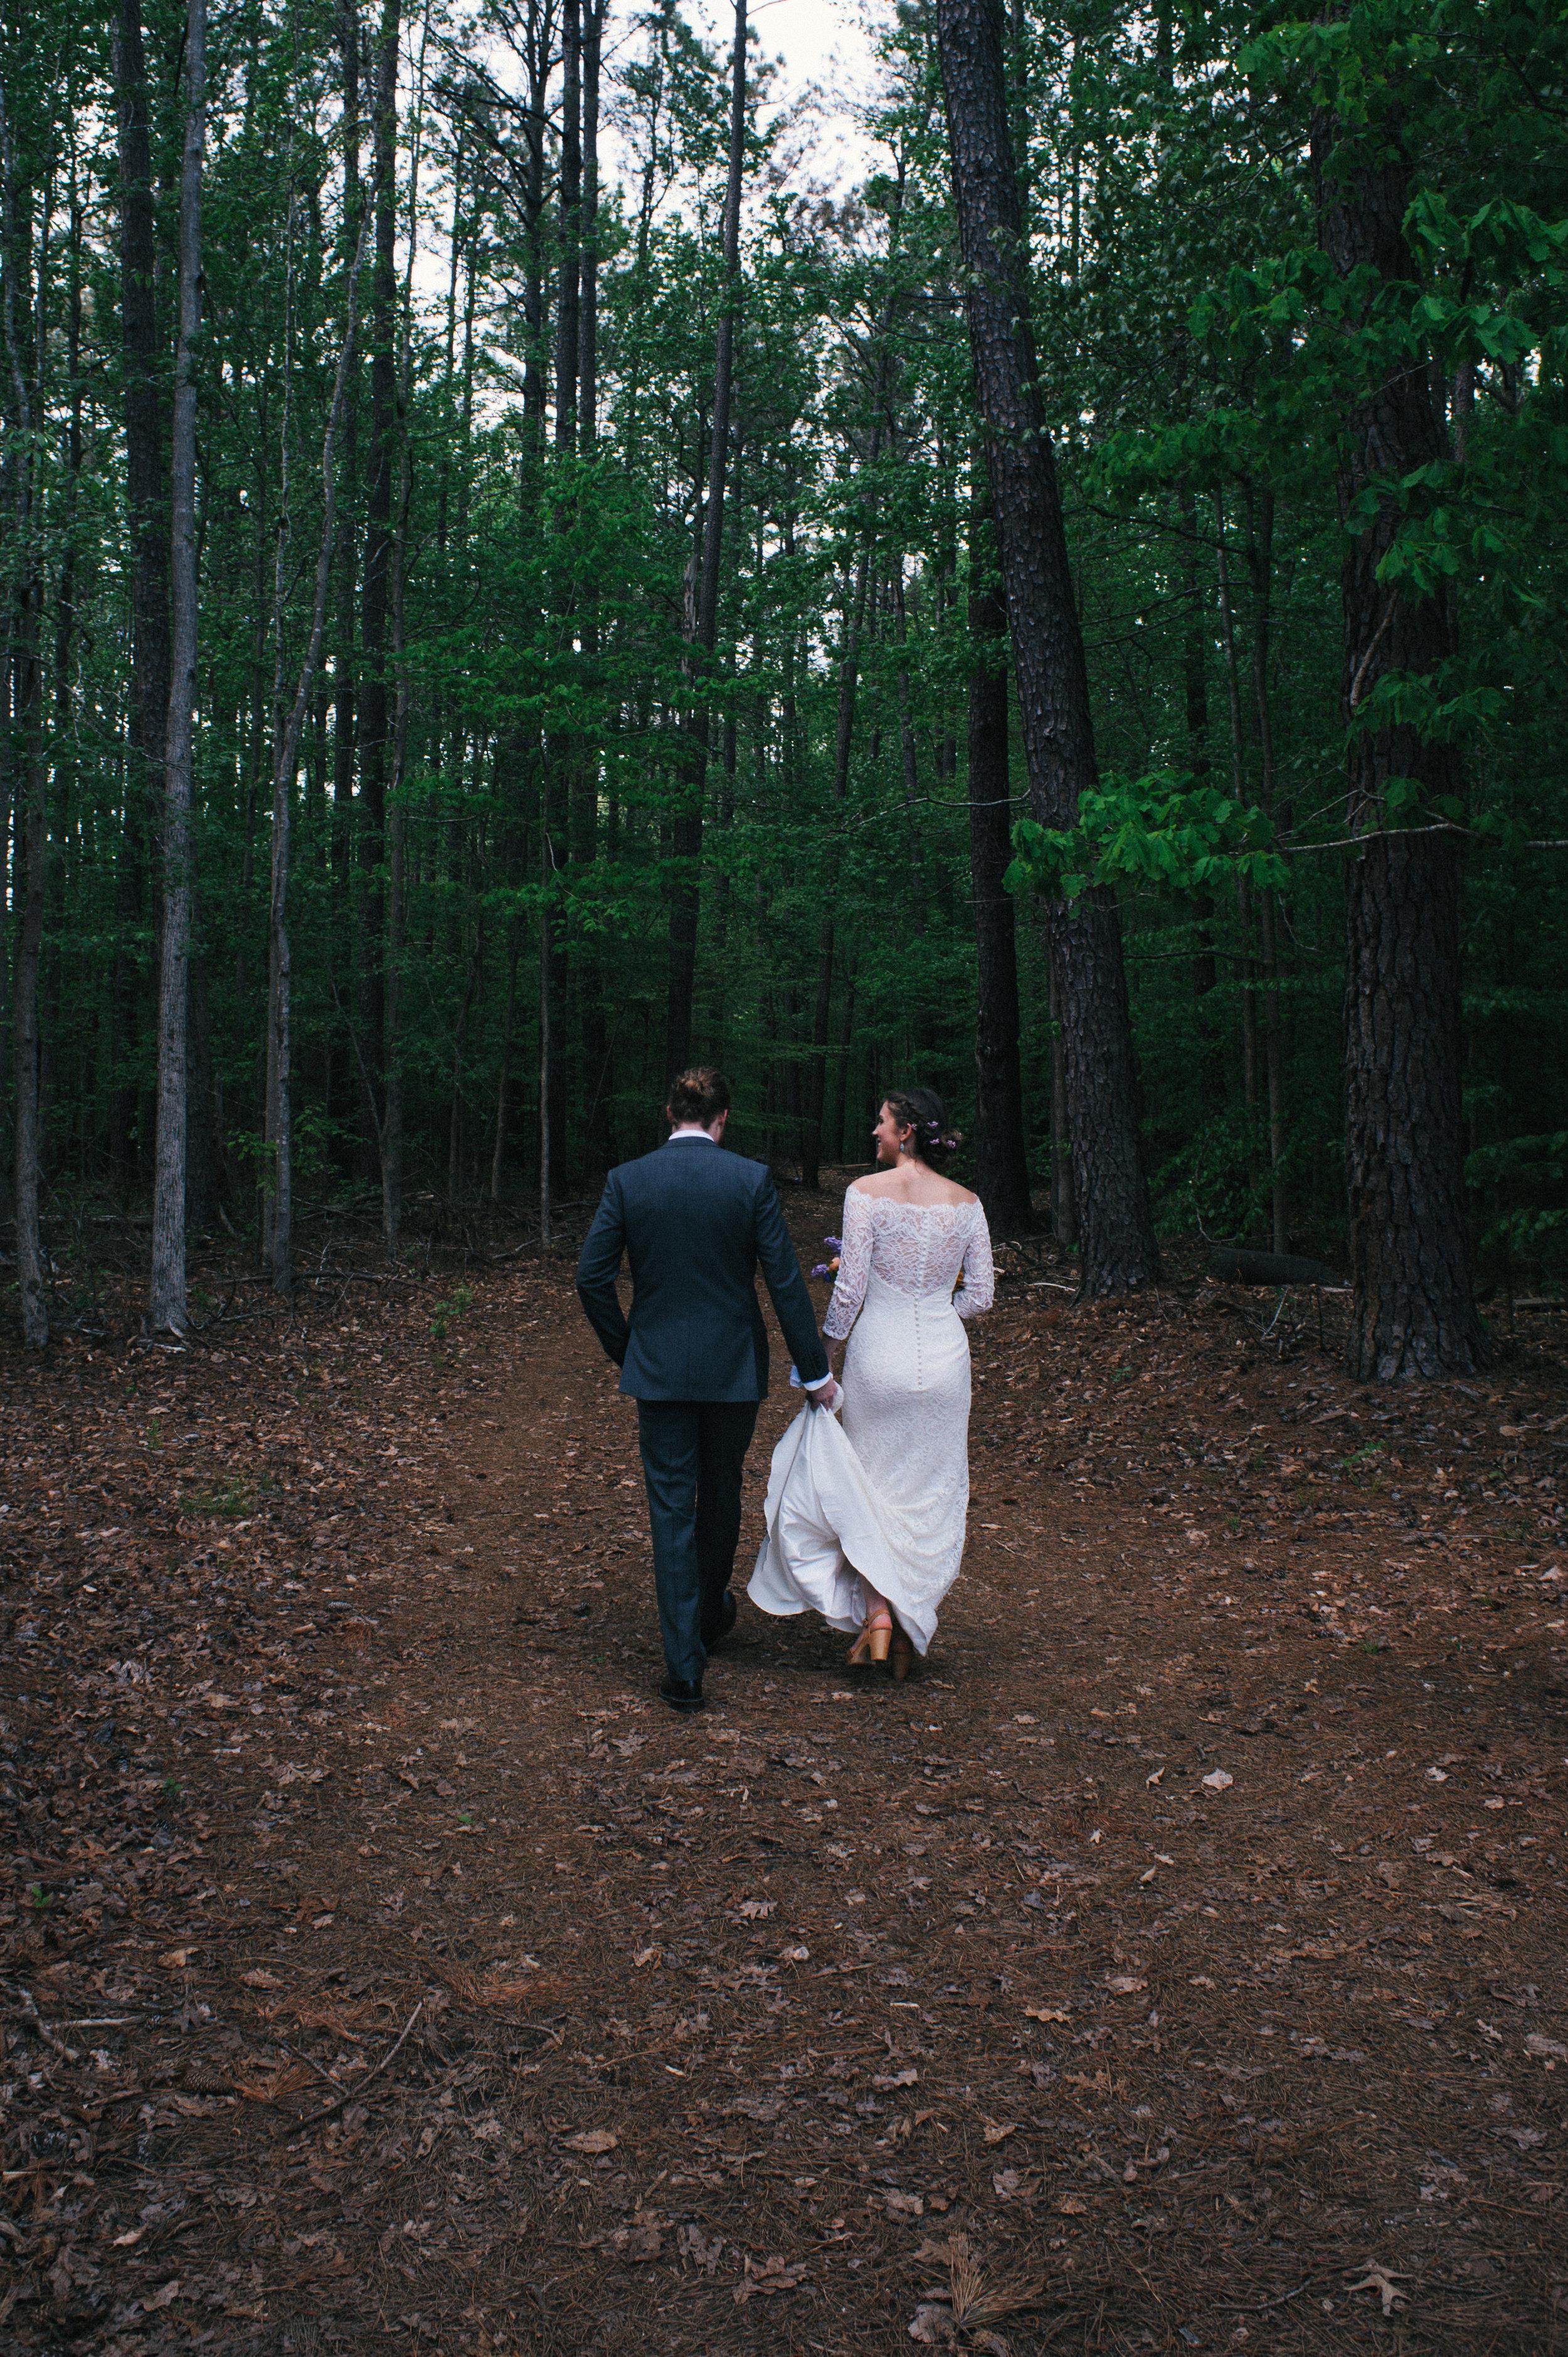 raleigh-elopement-photographer-raleigh-durham-wedding-maddie-and-devin- (135 of 162).jpg